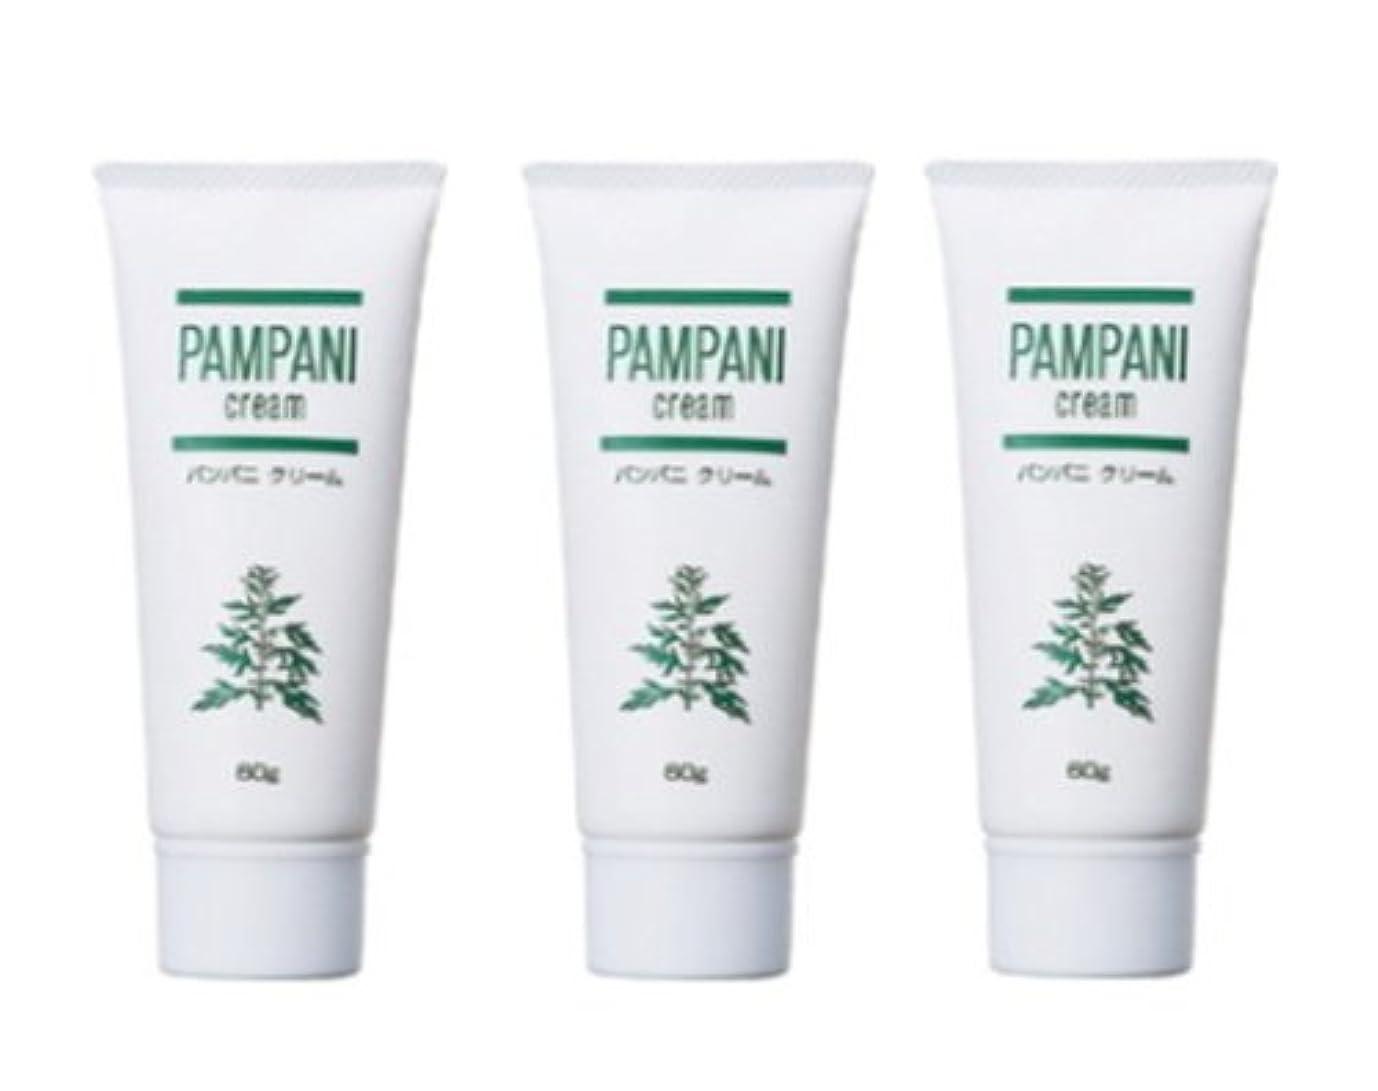 パンパニ(PAMPANI) クリーム 60g×3本組